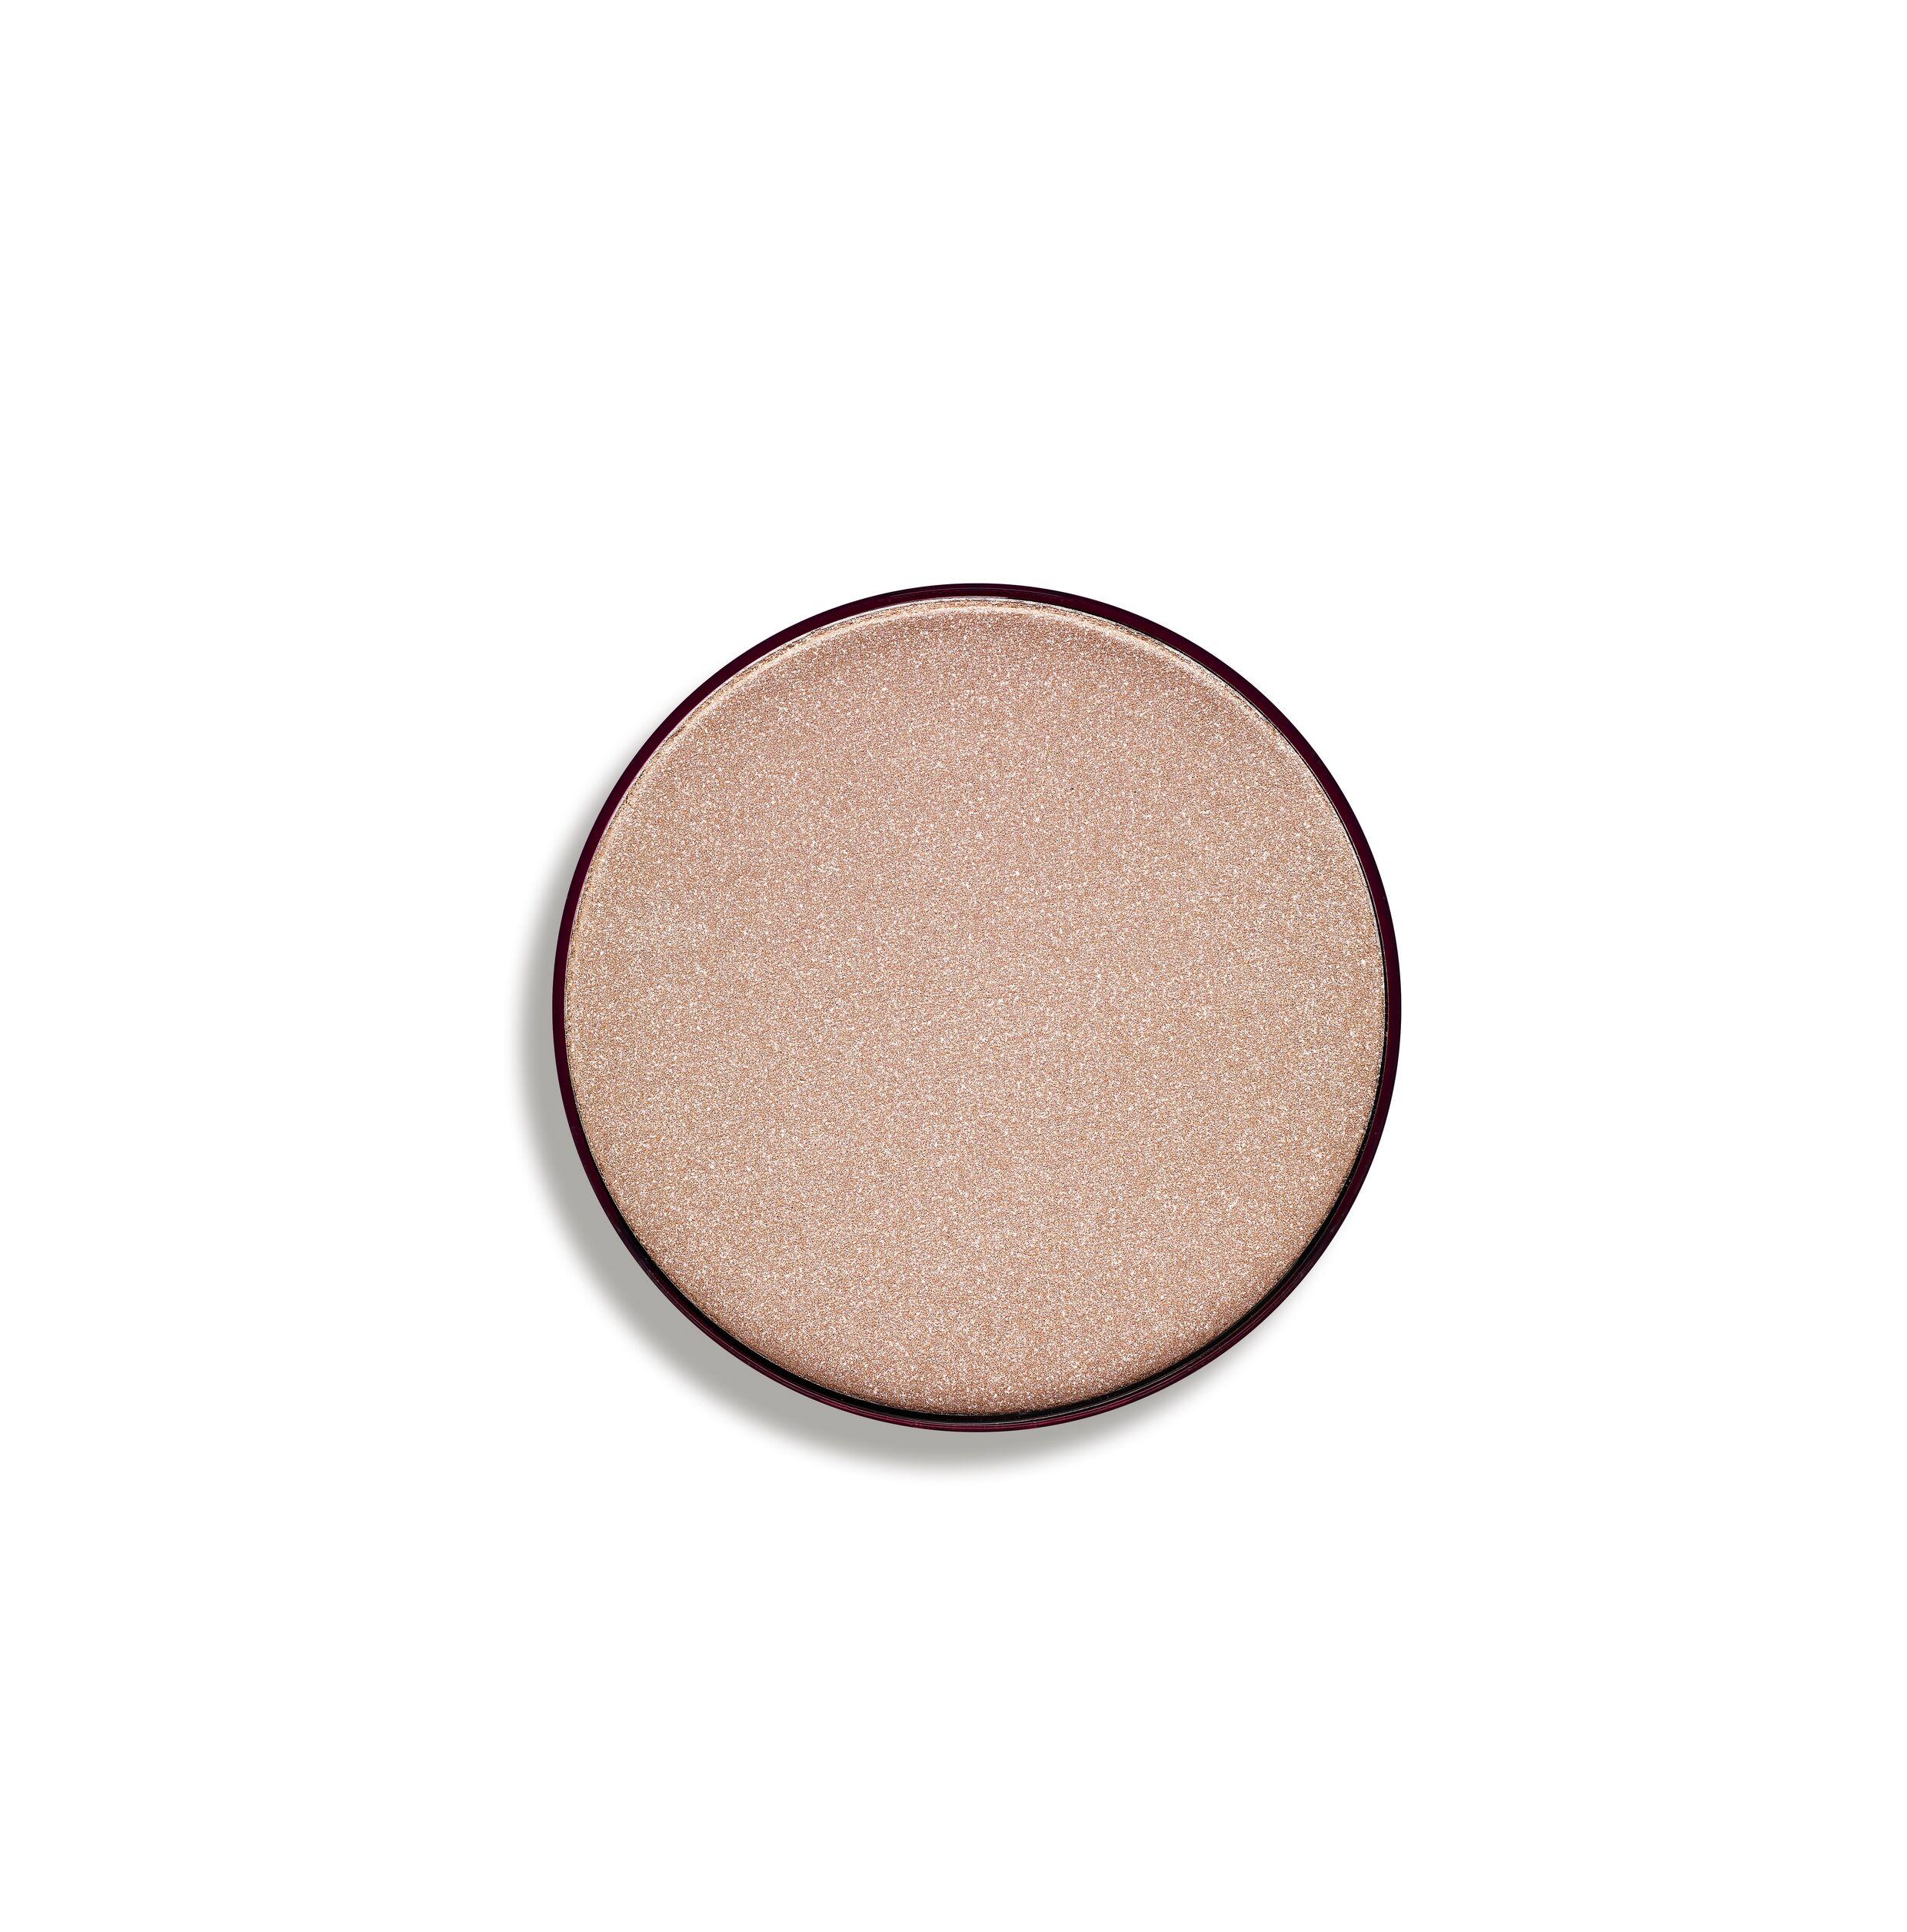 Artdeco Highlighter Powder Compact Recambio